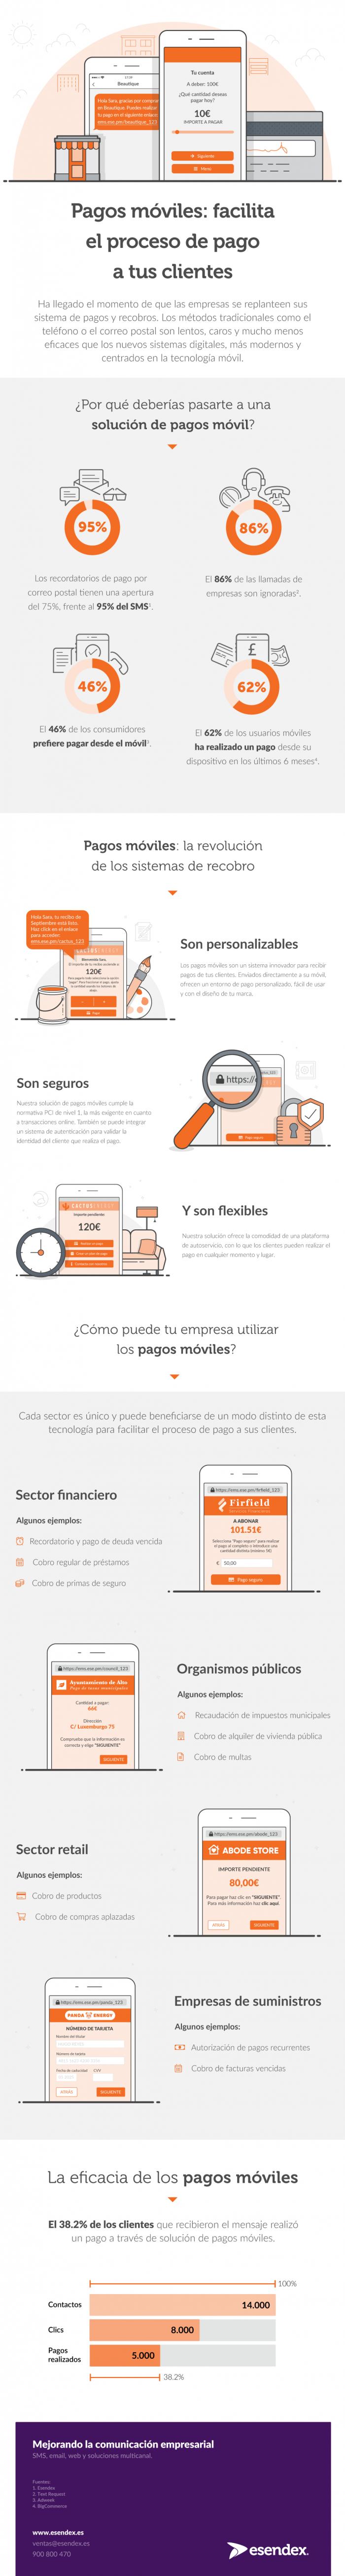 infográfico sobre las venajas del canal móvil para pagos y recobro